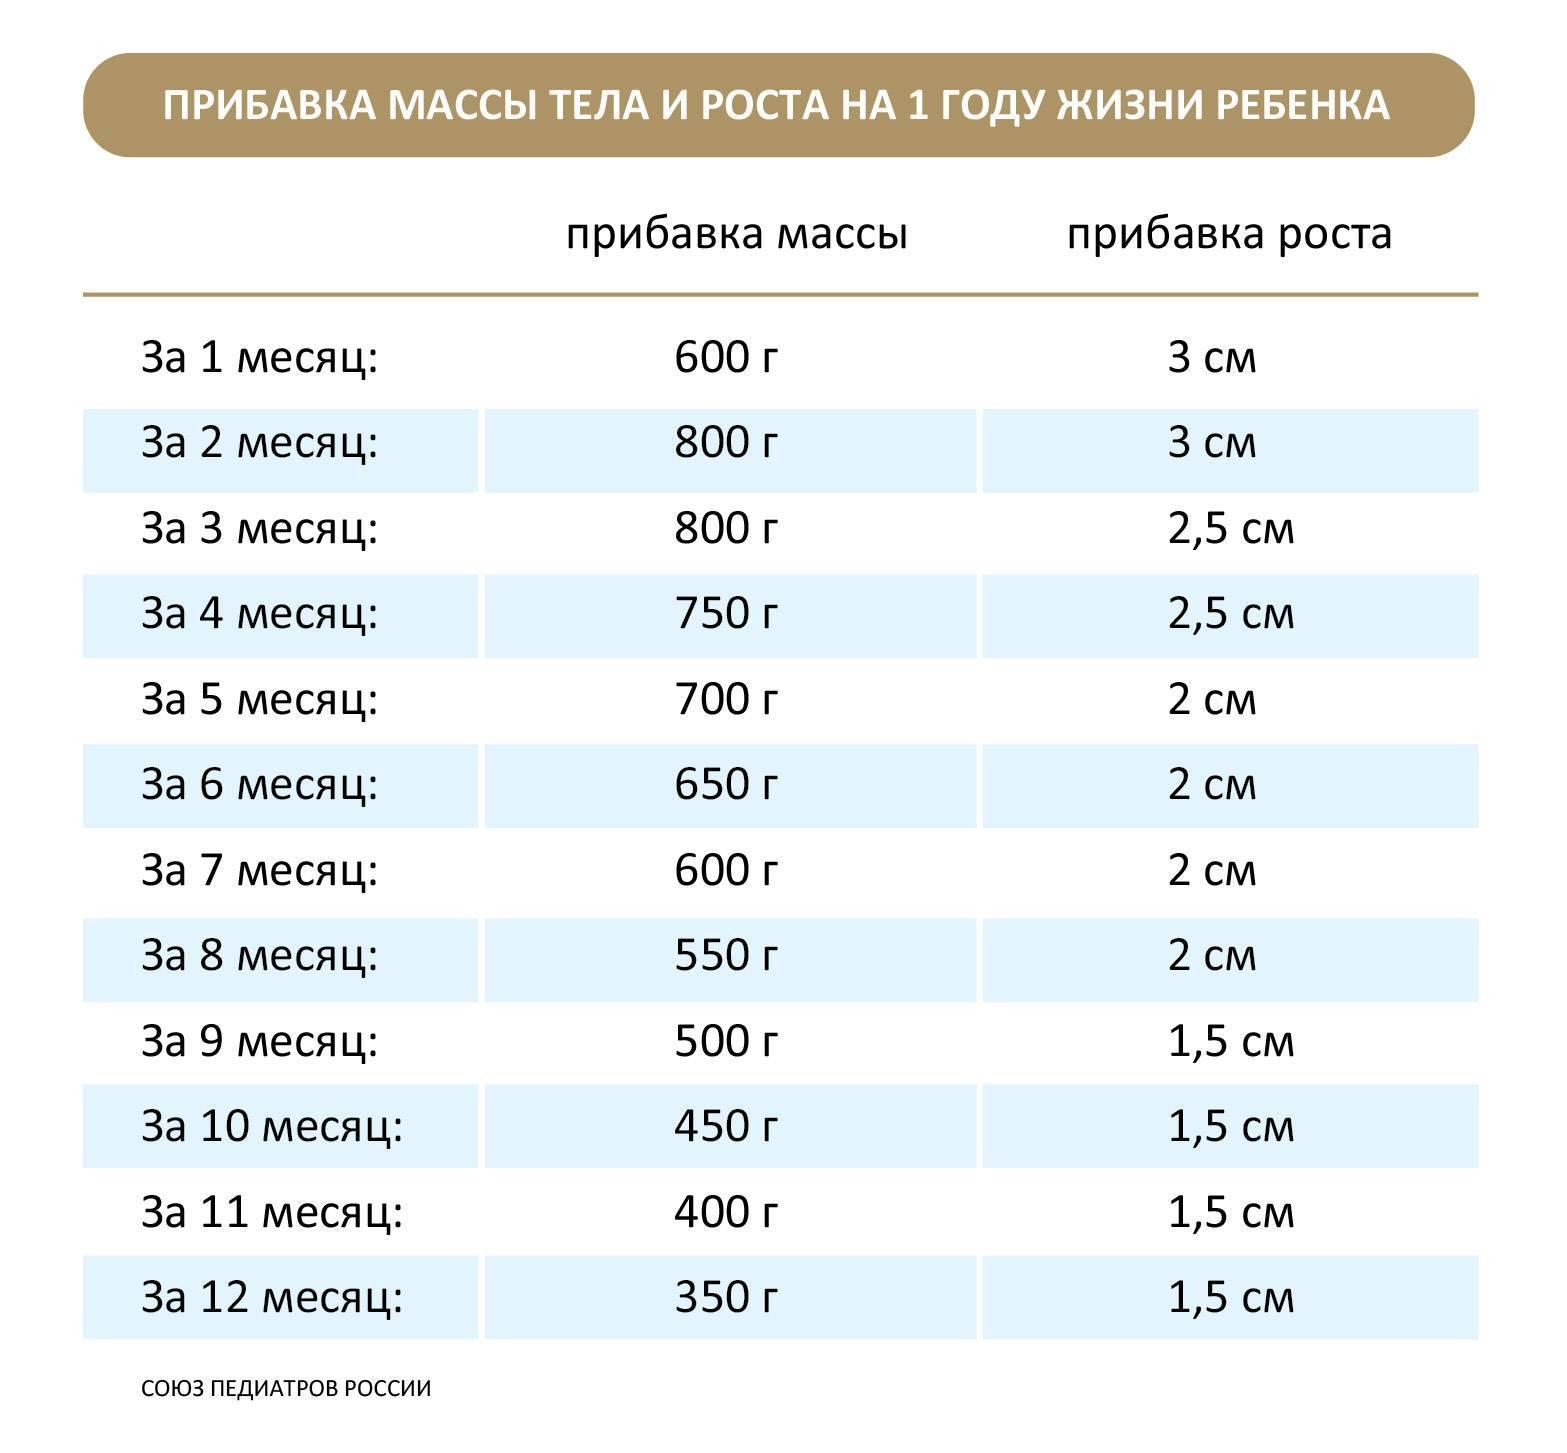 Нормы роста и веса детей от рождения до двух лет по месяцам (воз)